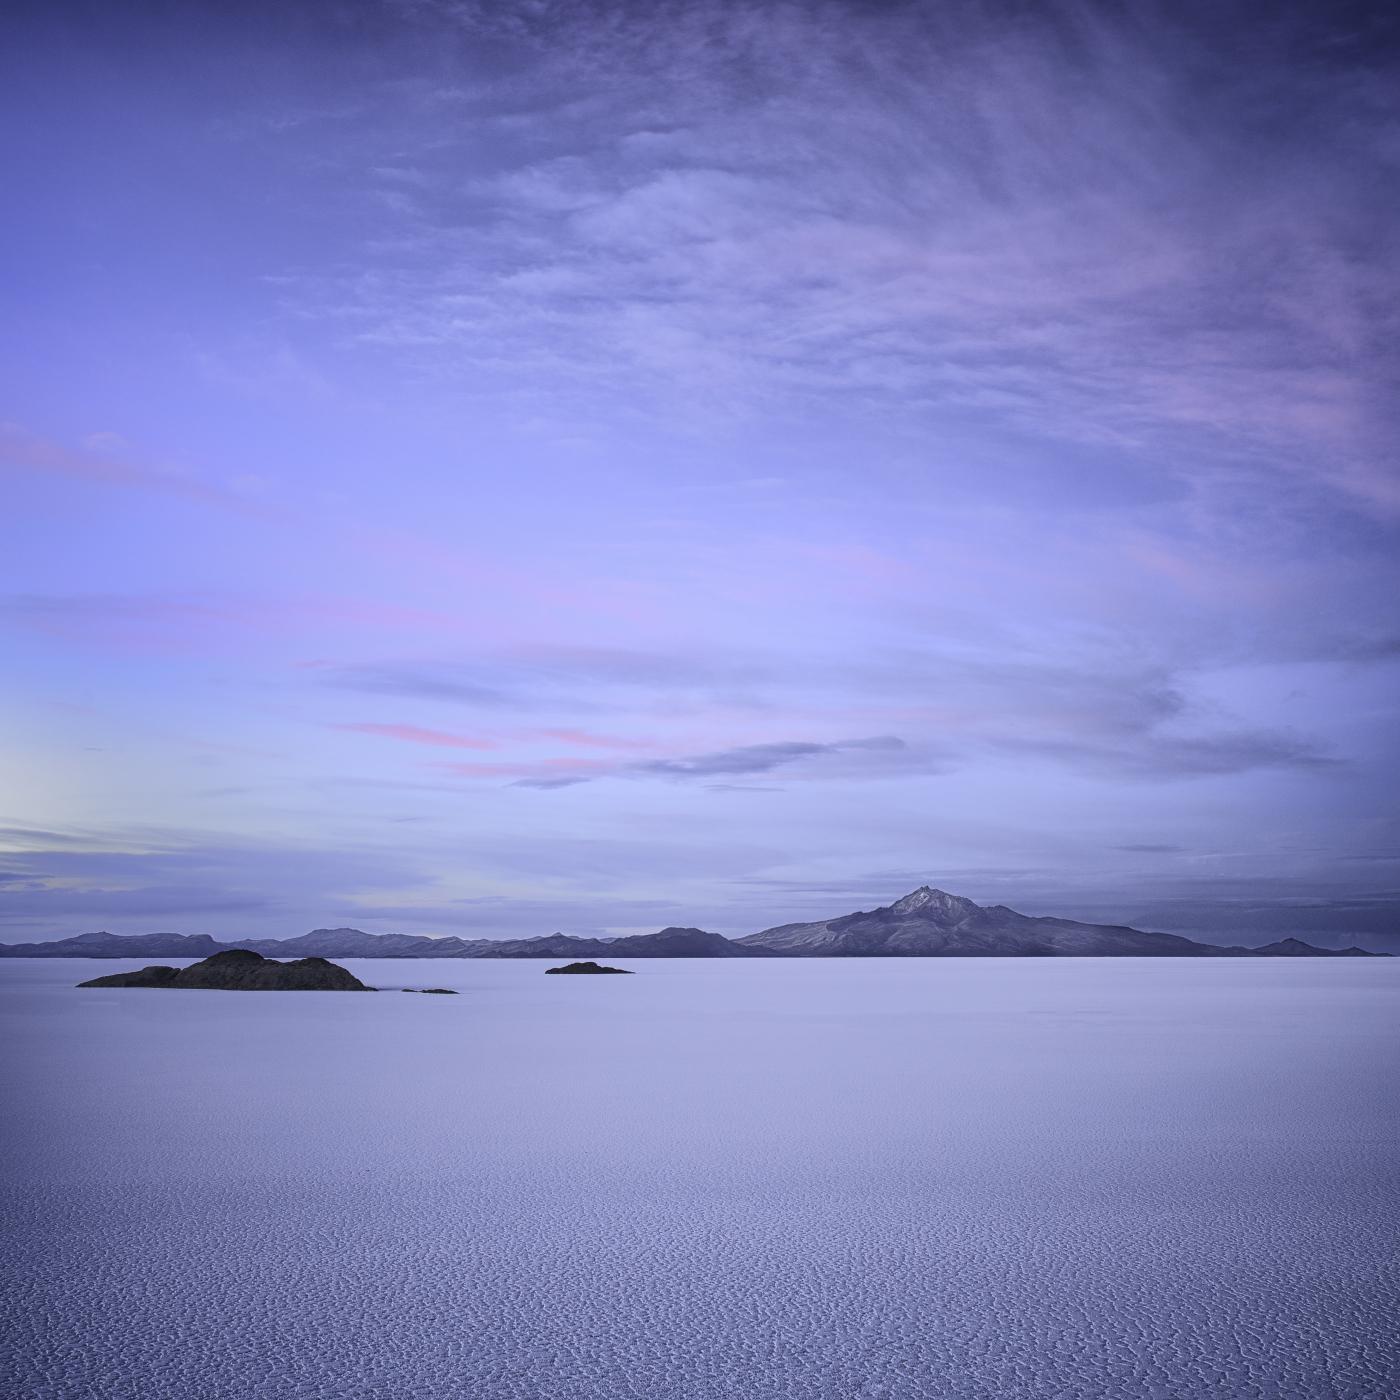 Mount Tanupa